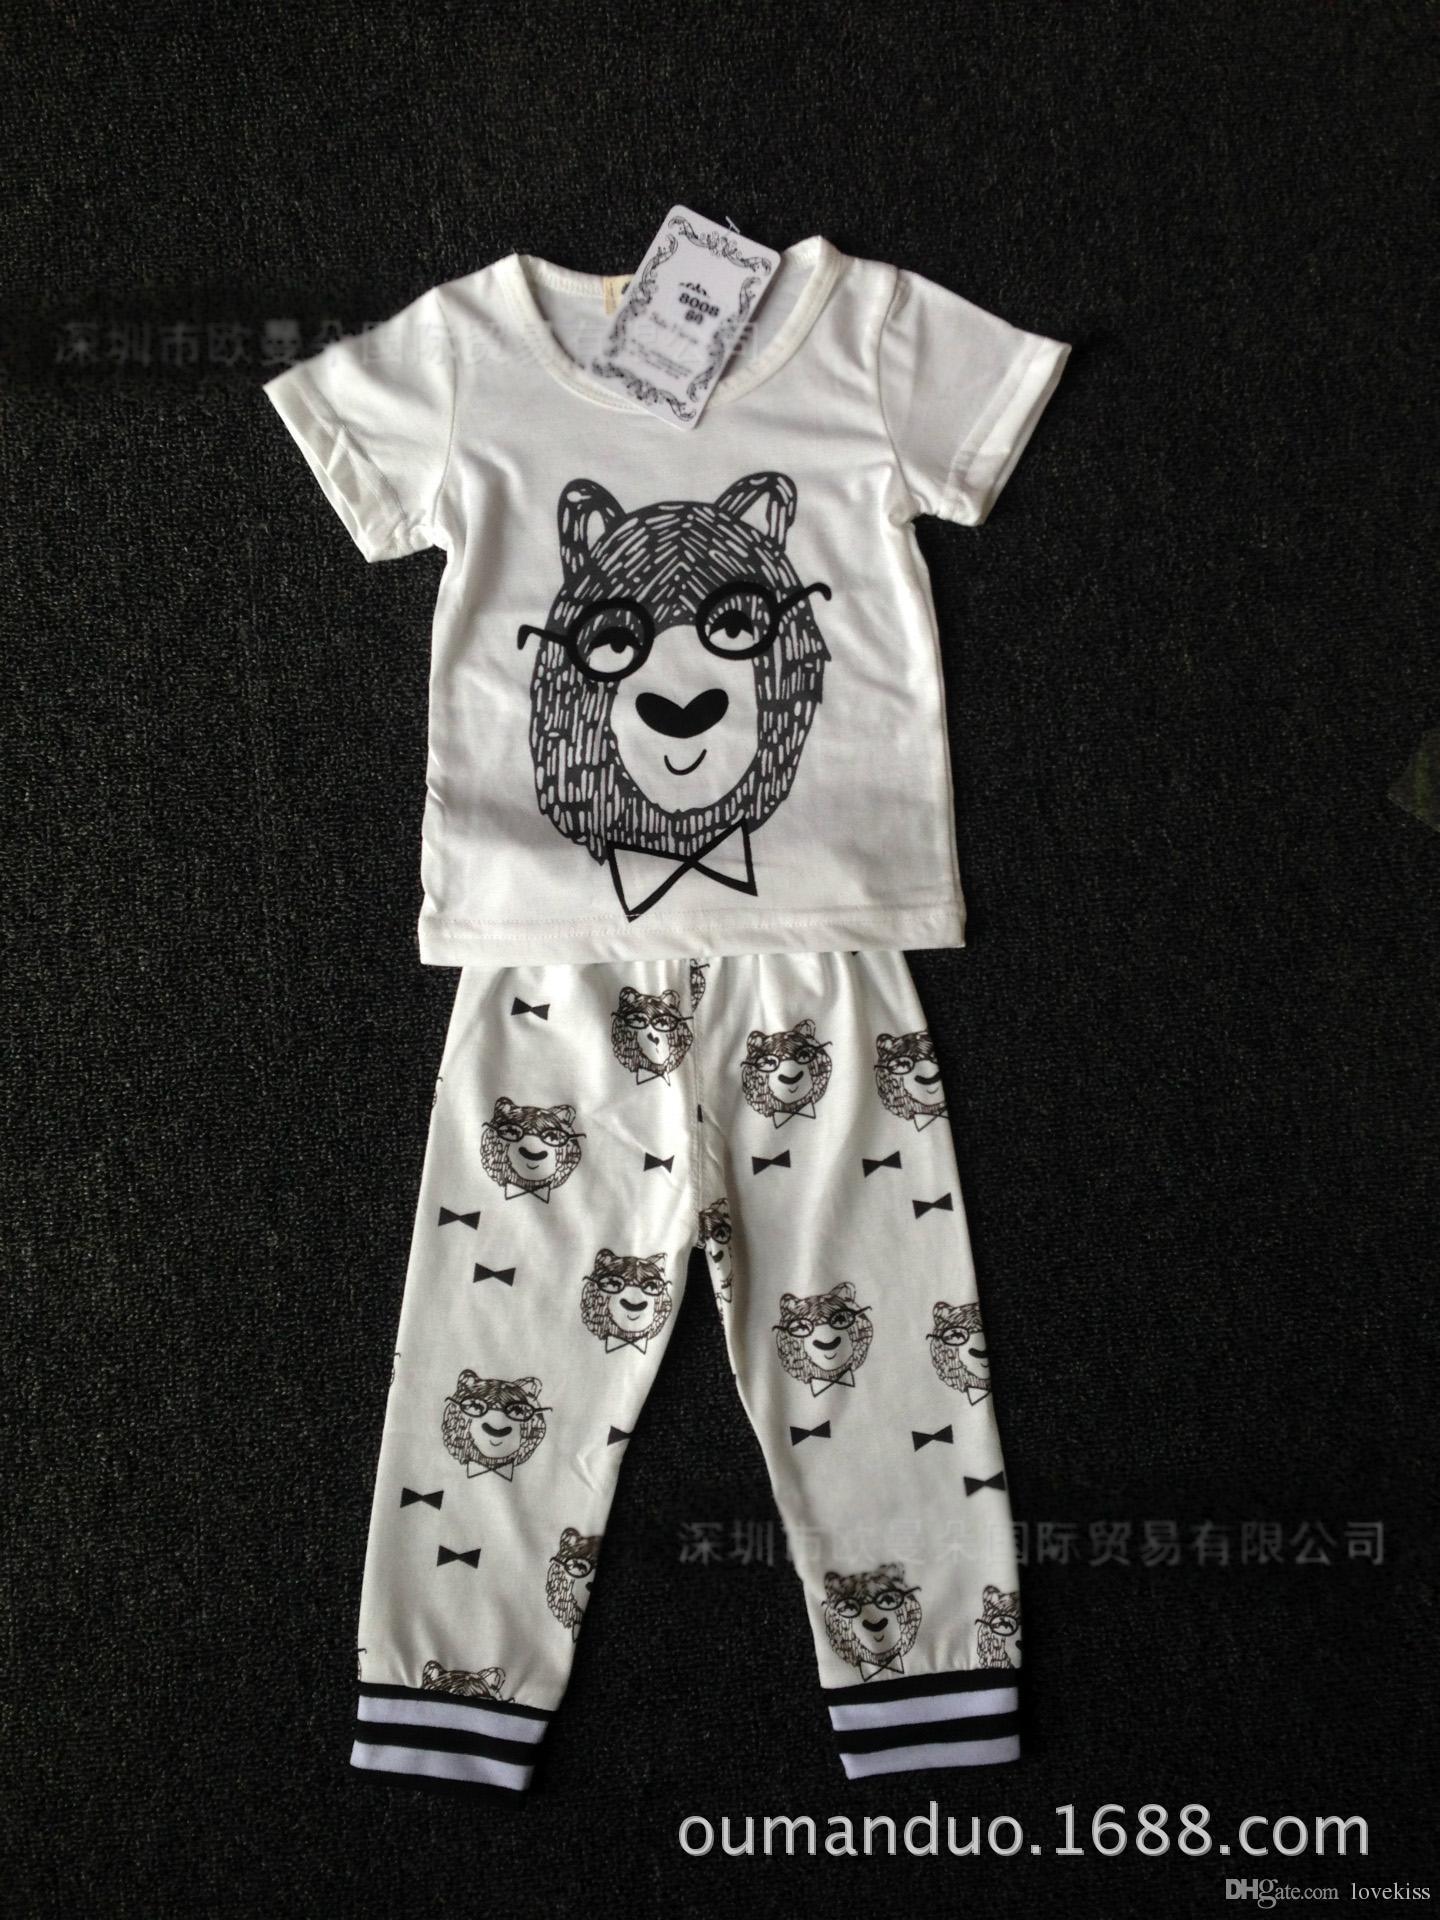 2018 ropa de estilo infantil de verano conjuntos de ropa de bebé niño Algodón pequeños monstruos de manga corta 2 piezas traje bebé niño ropa de niños LH16